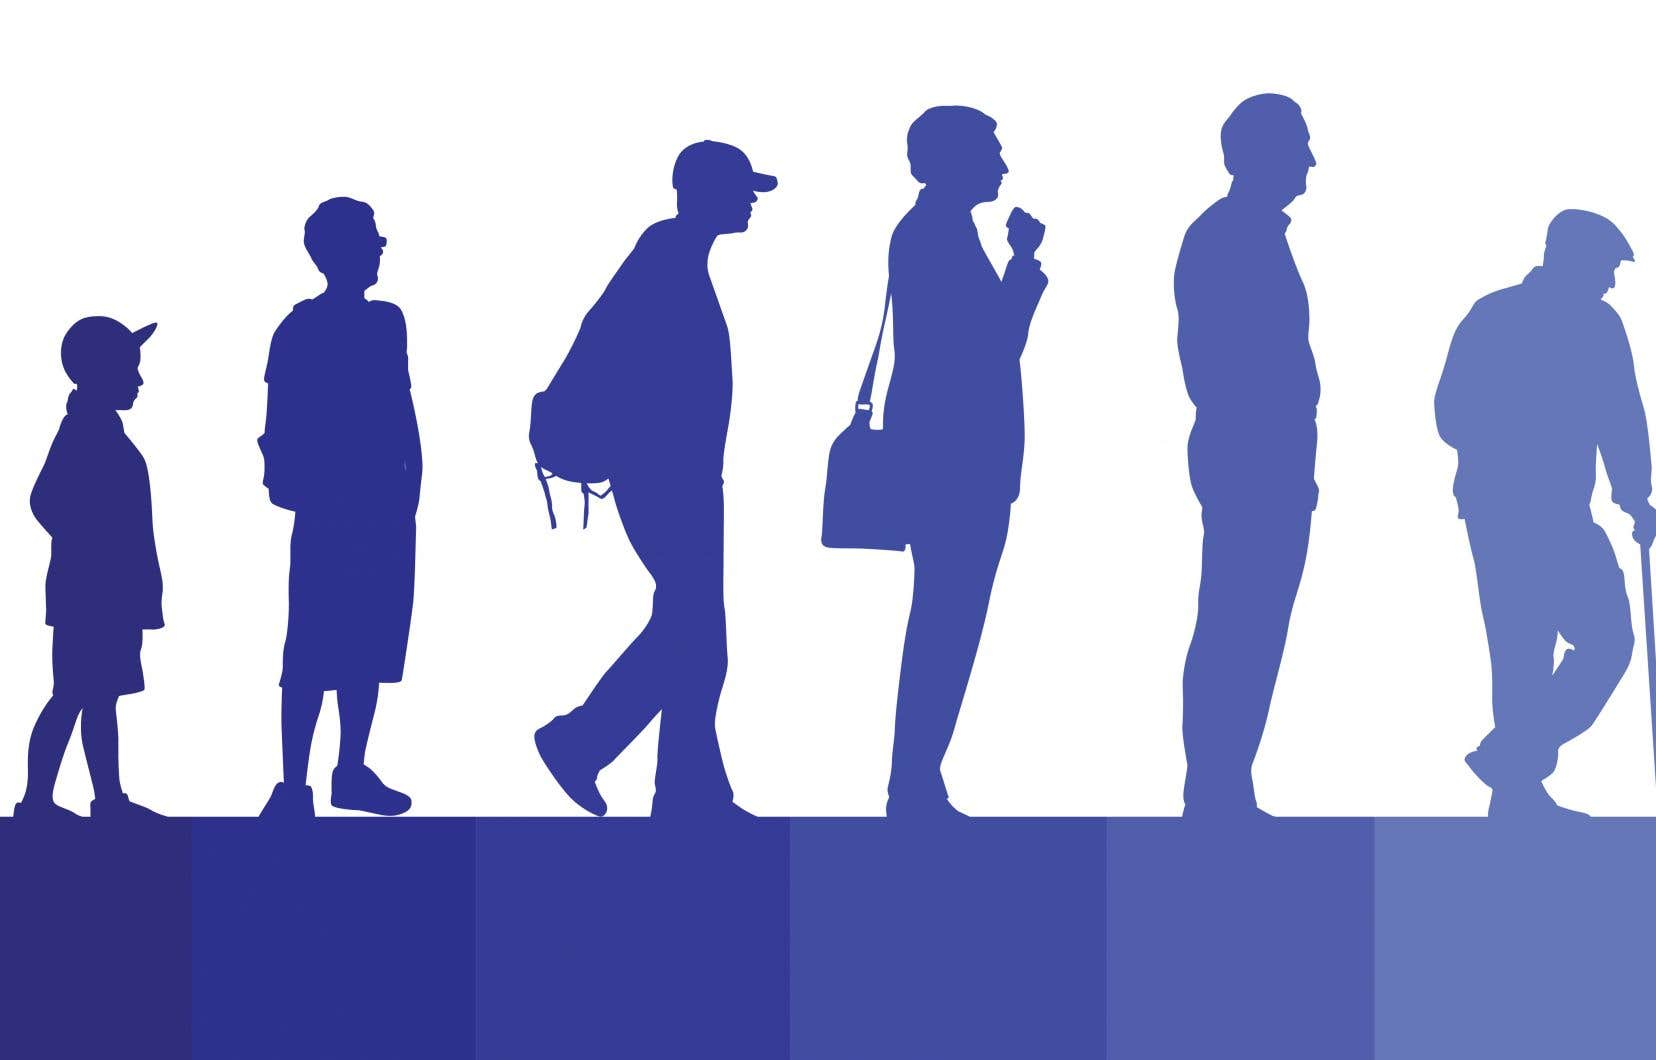 De l'avis  du Dr Mandza, l'âgisme est  un phénomène symptomatique de la société de consommation dans laquelle  on vit, où l'on considère  le vieillissement comme un moment où  une personne  ne produit plus.